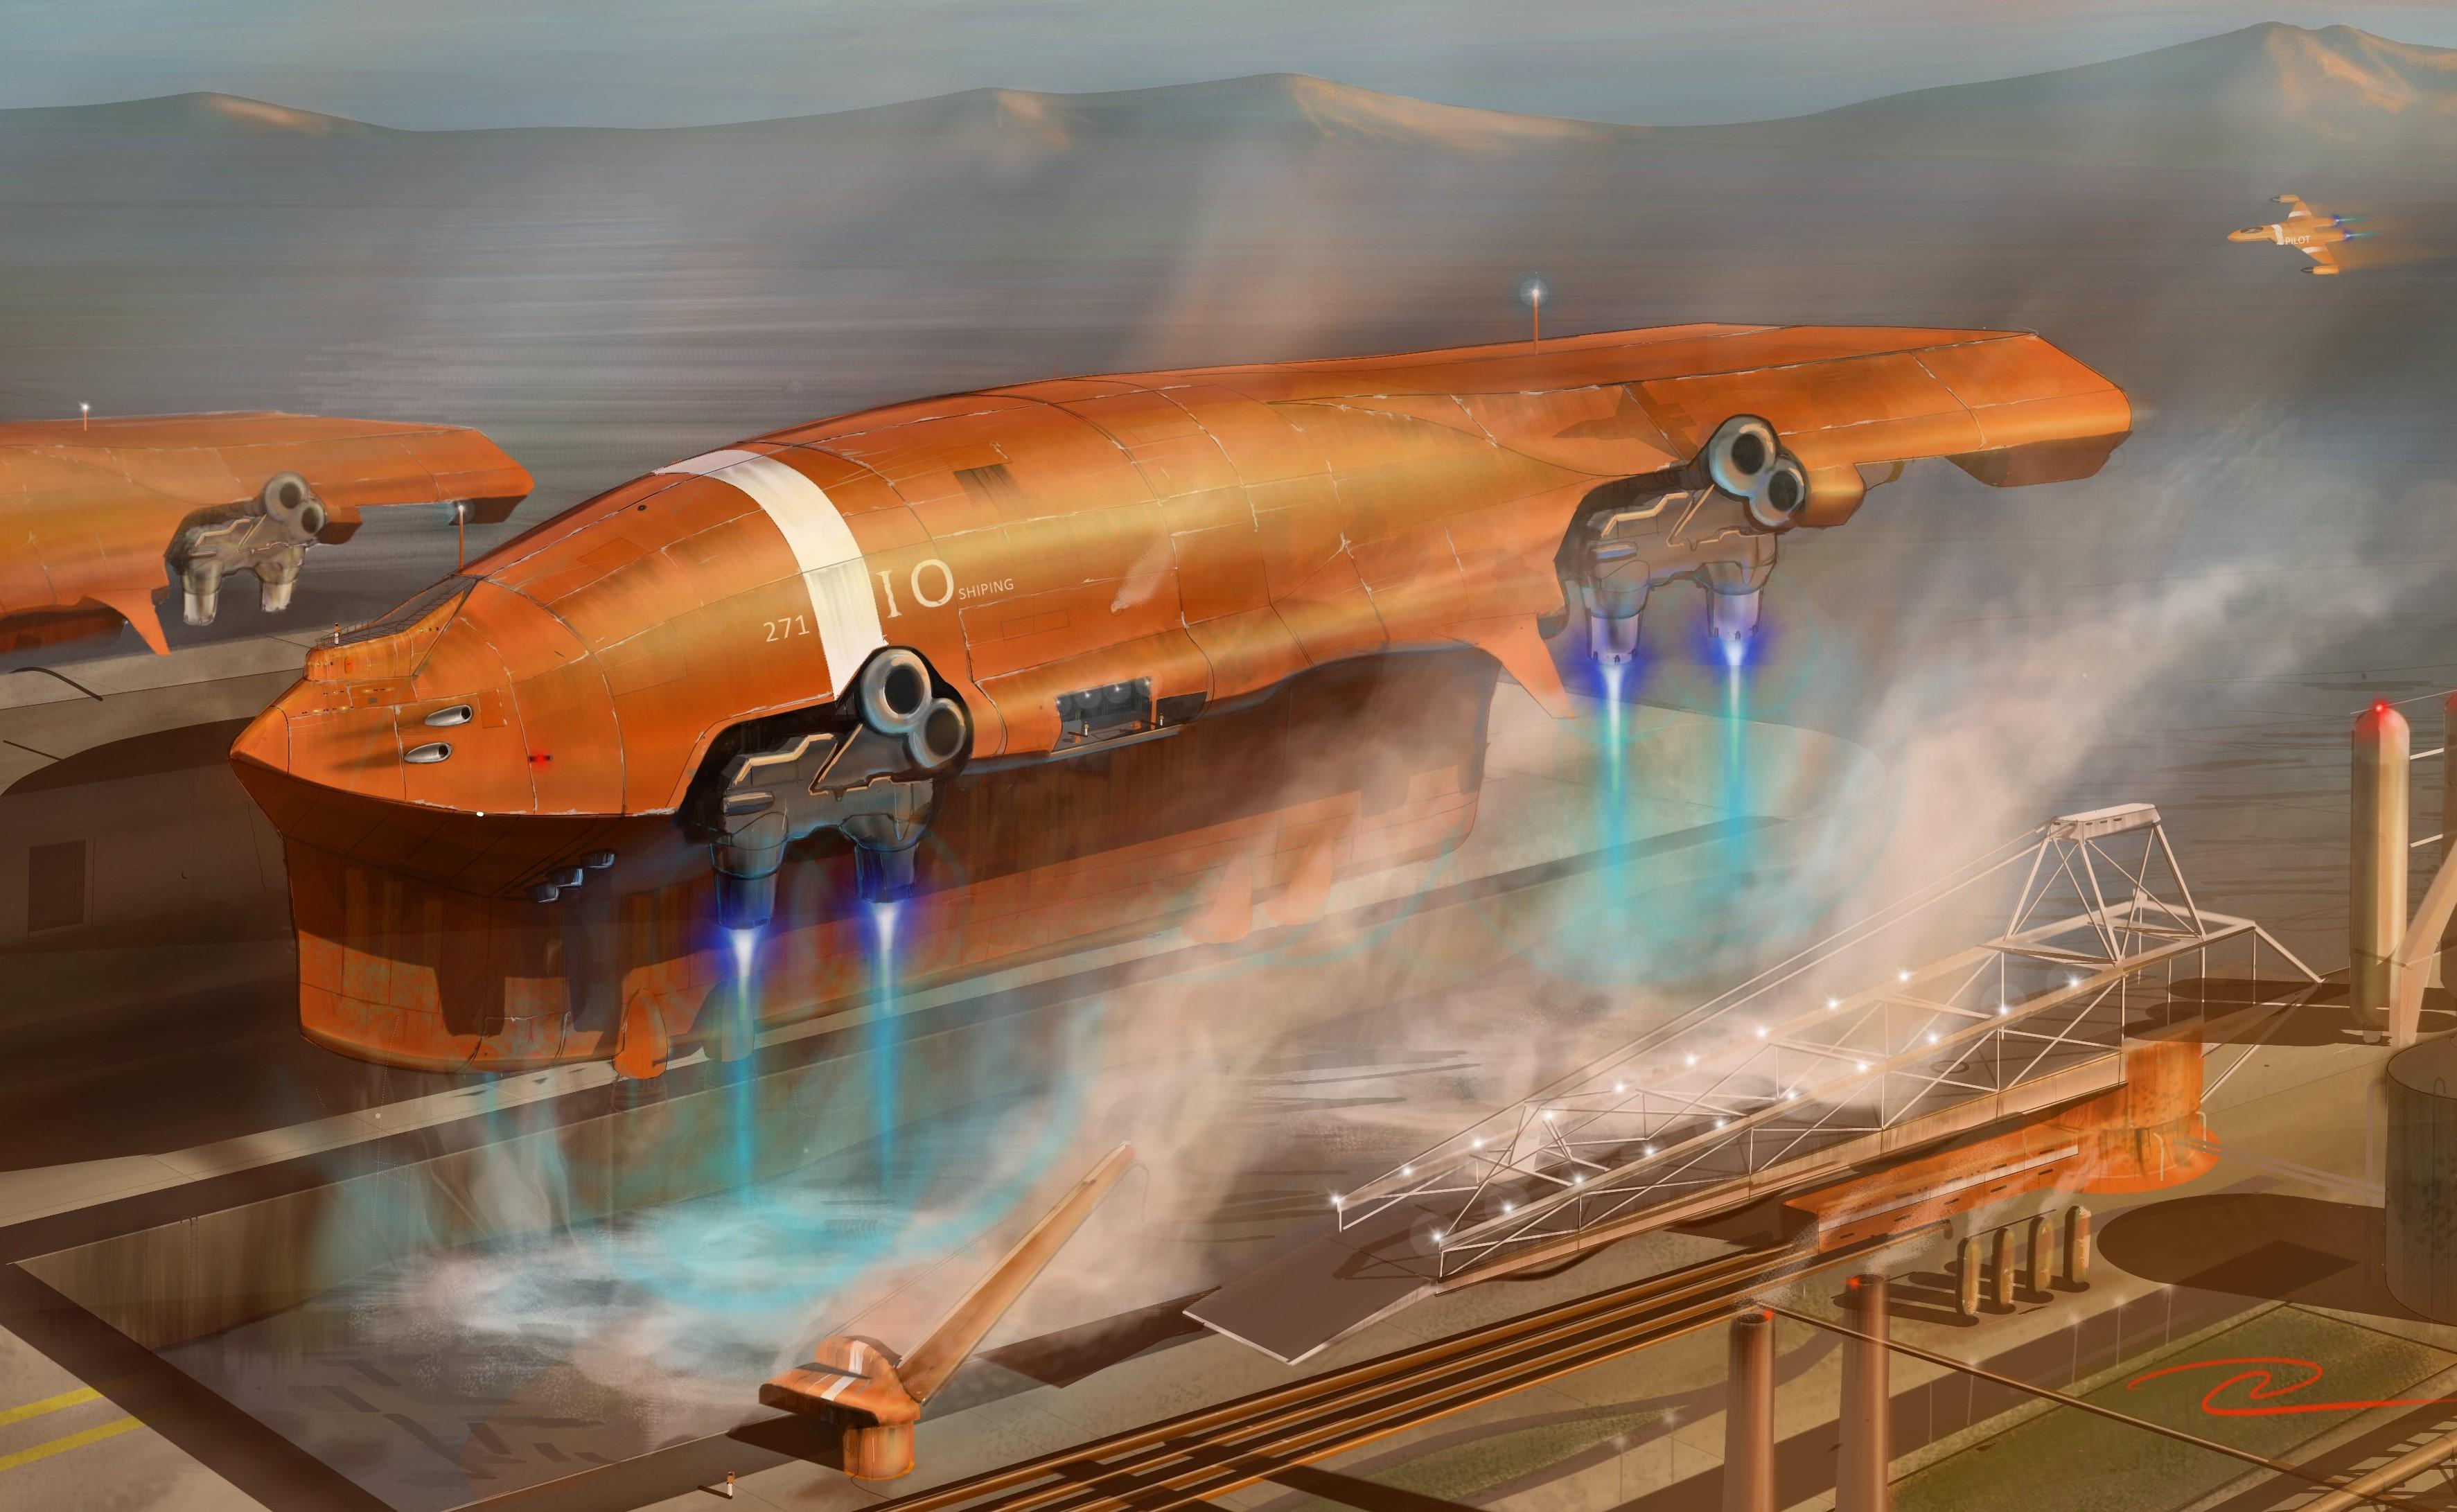 Tanker Starship Water Landing by scifieart10000